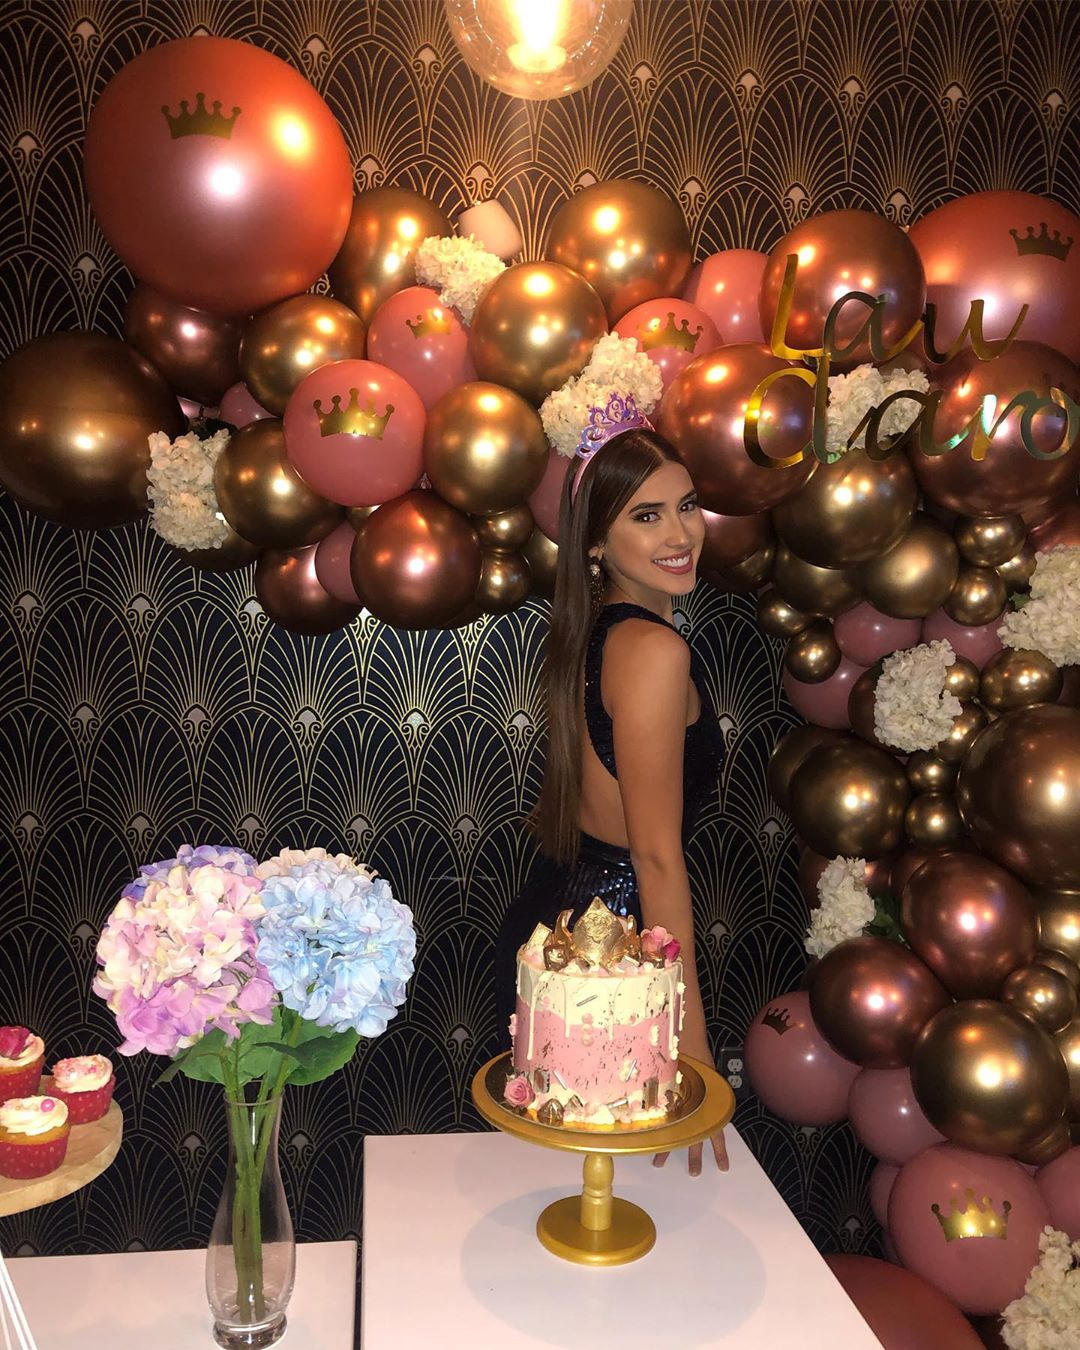 laura claro, primera finalista de reyna hispanoamericana 2019. - Página 3 72477310